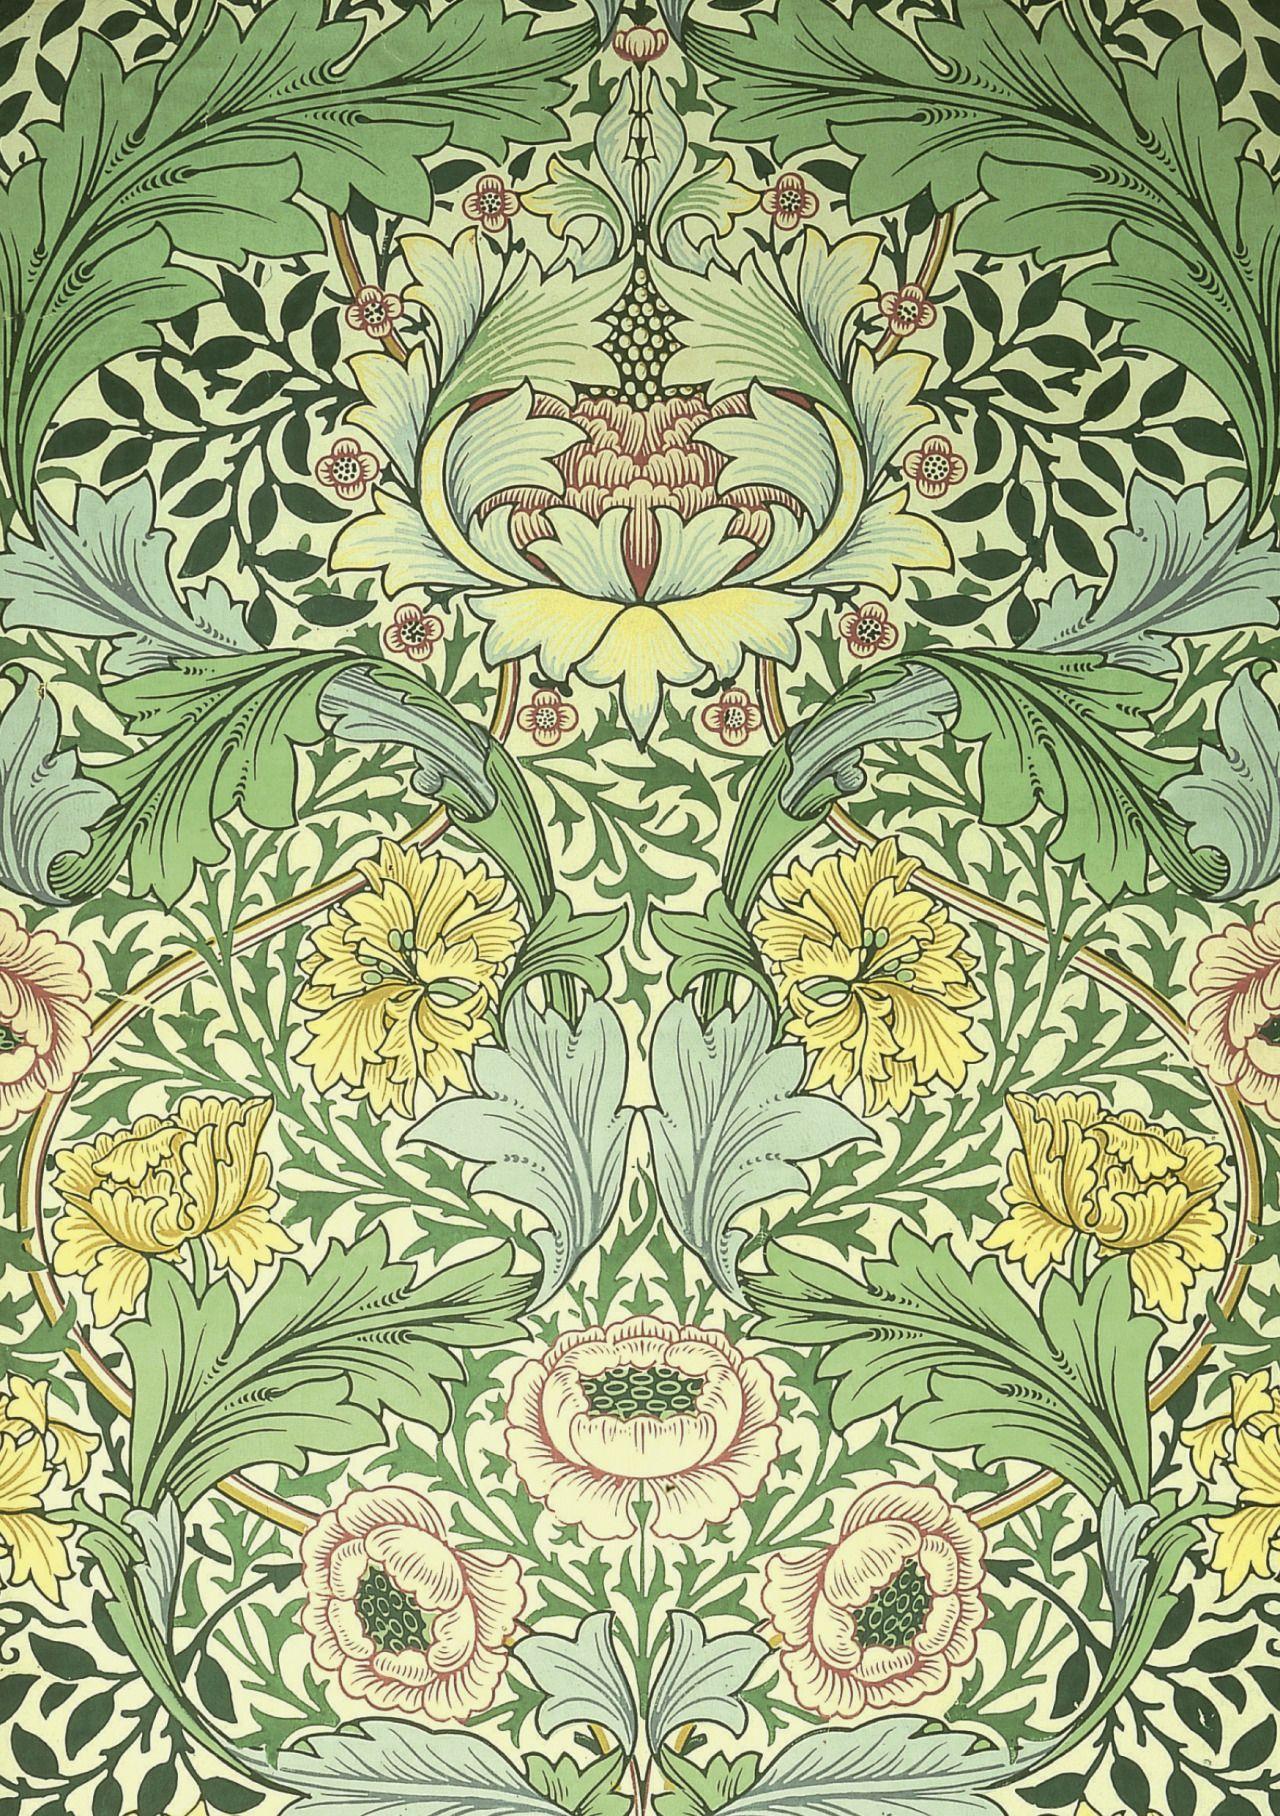 William Morris print William morris wallpaper, William